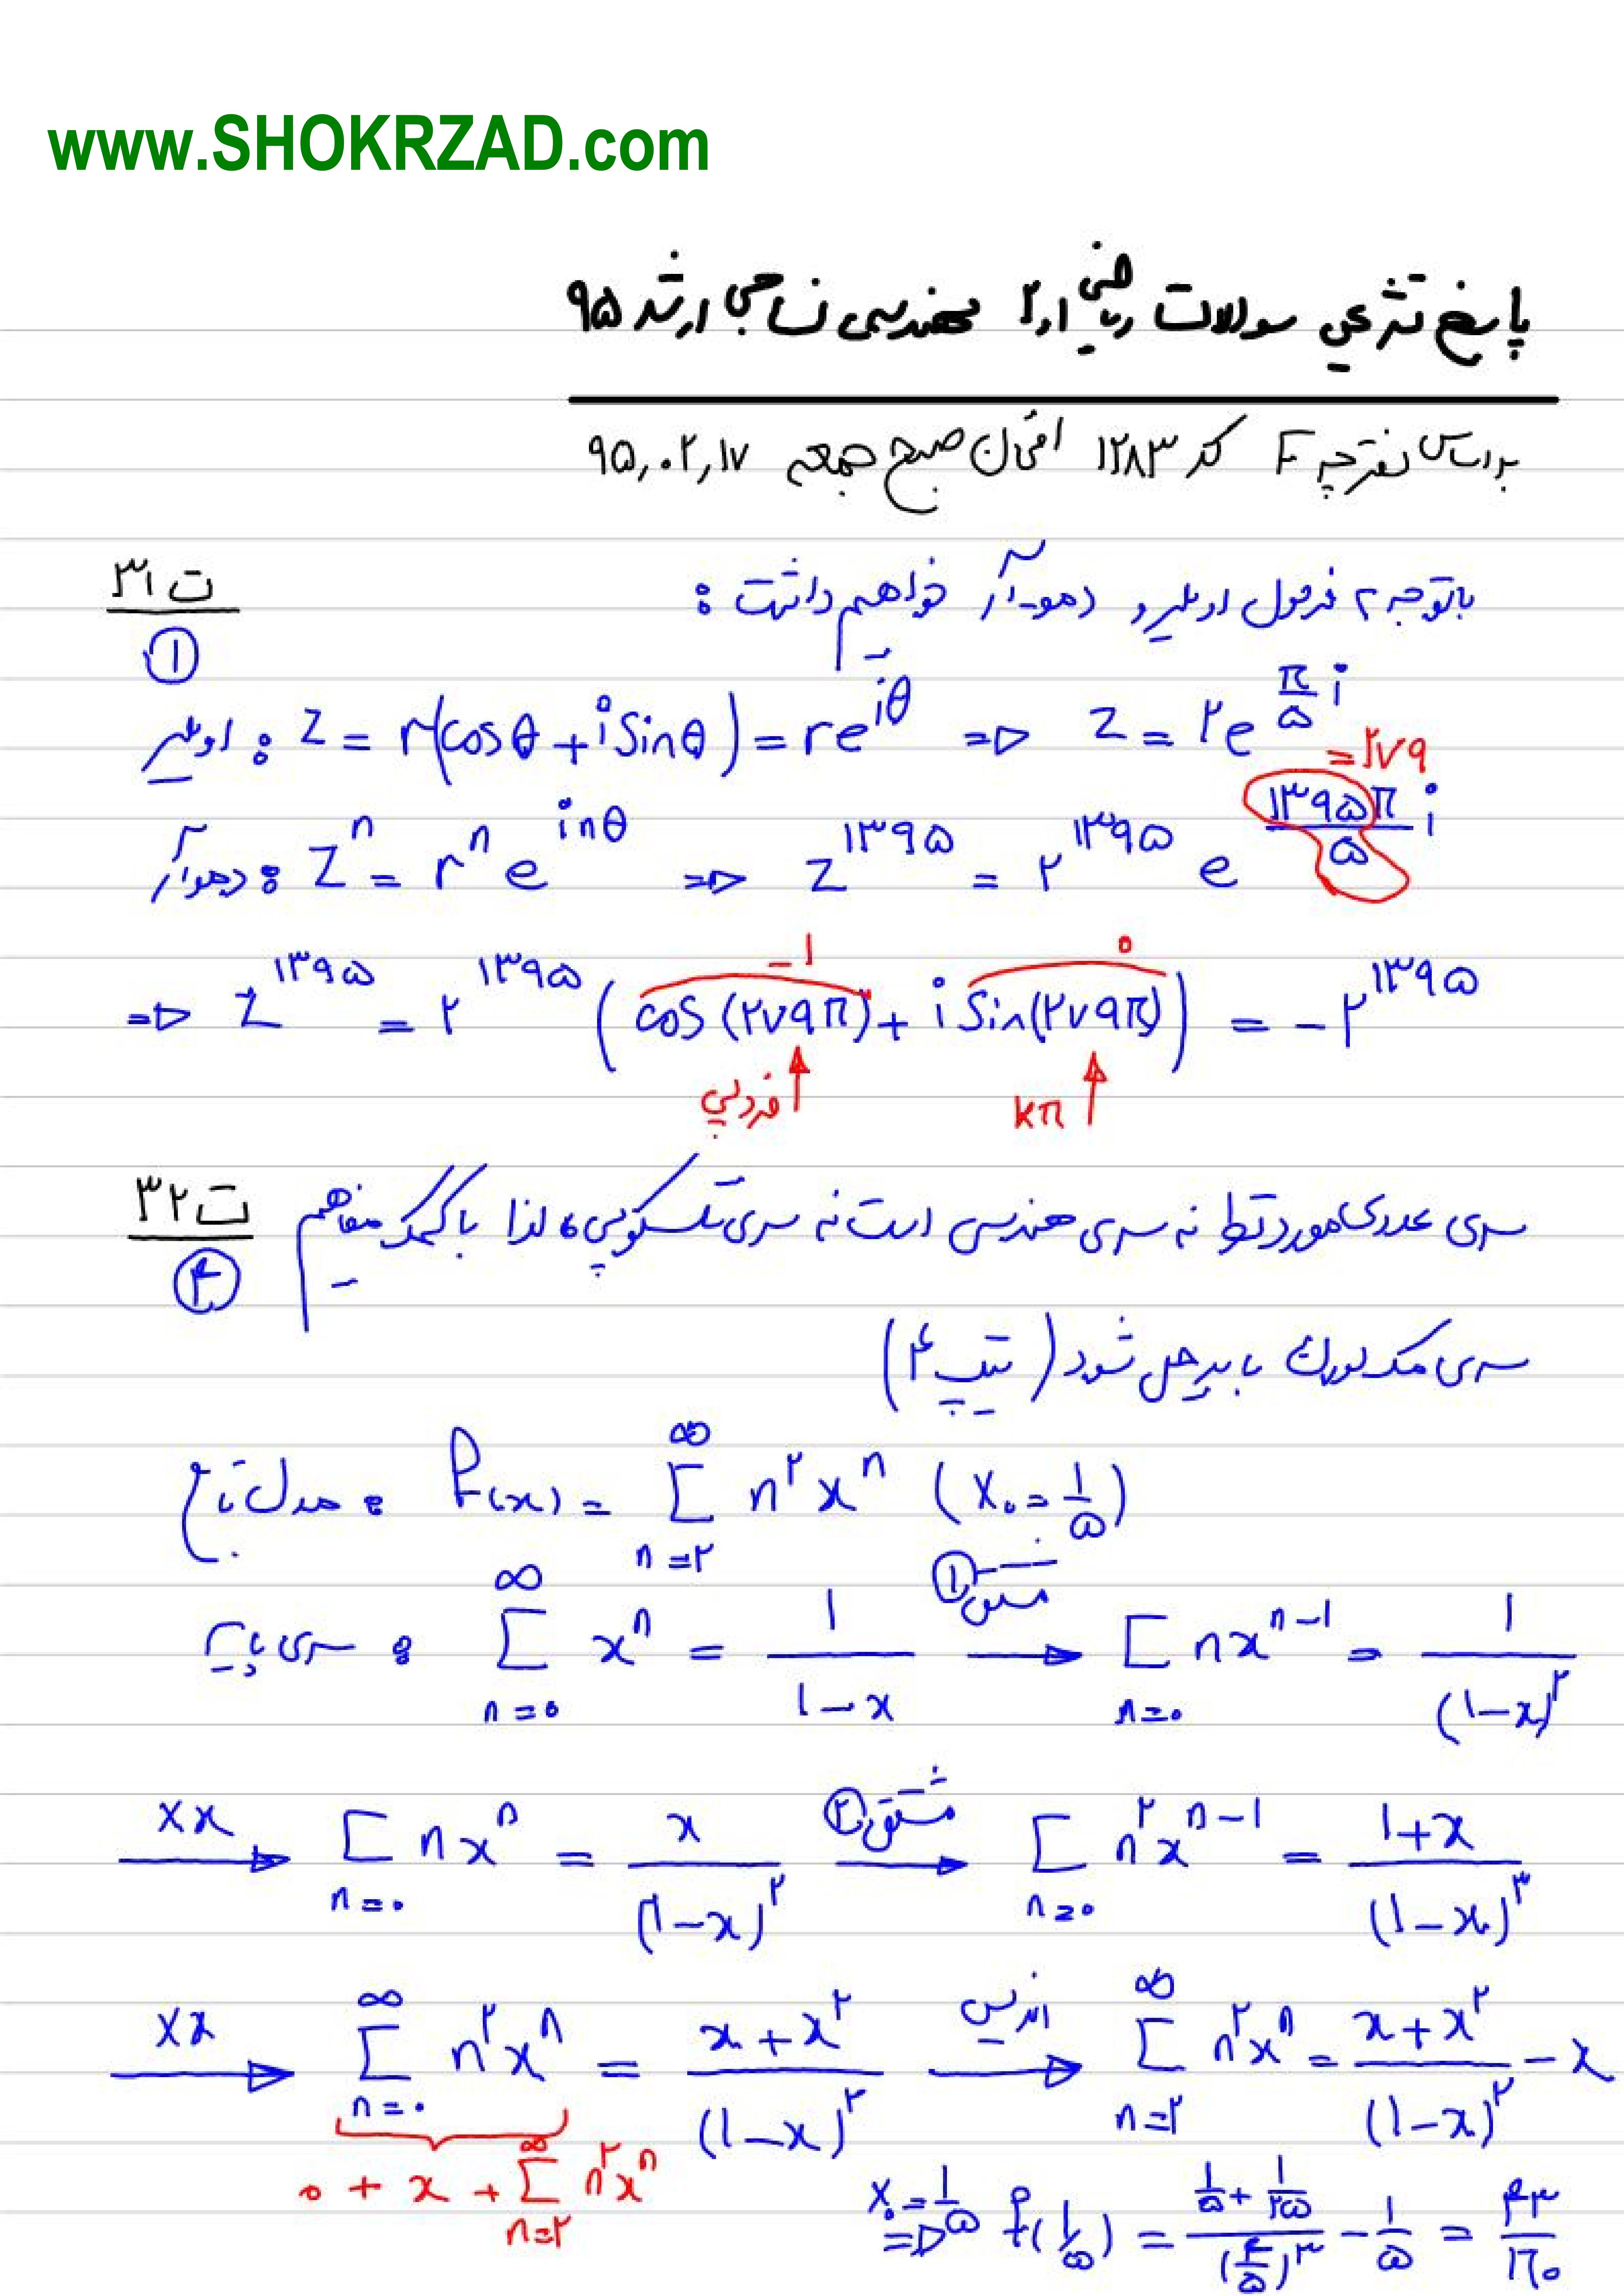 پاسخنامه تشریحی ریاضی ارشد مهندسی نساجی 95